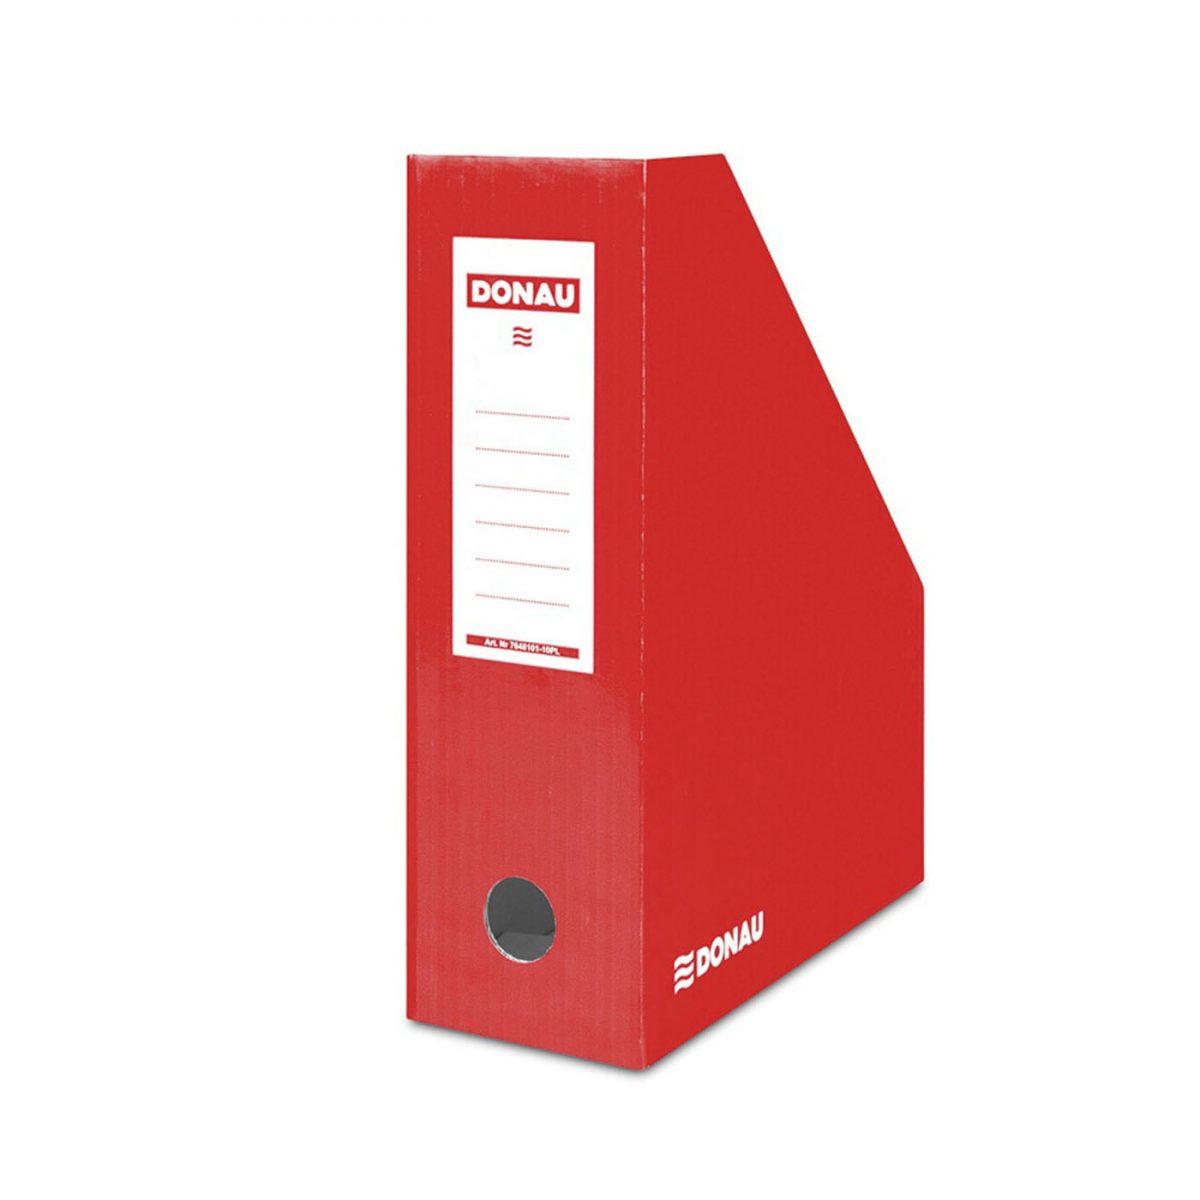 Suport vertical pentru cataloage, A4 - 10cm latime, din carton laminat, DONAU - rosu